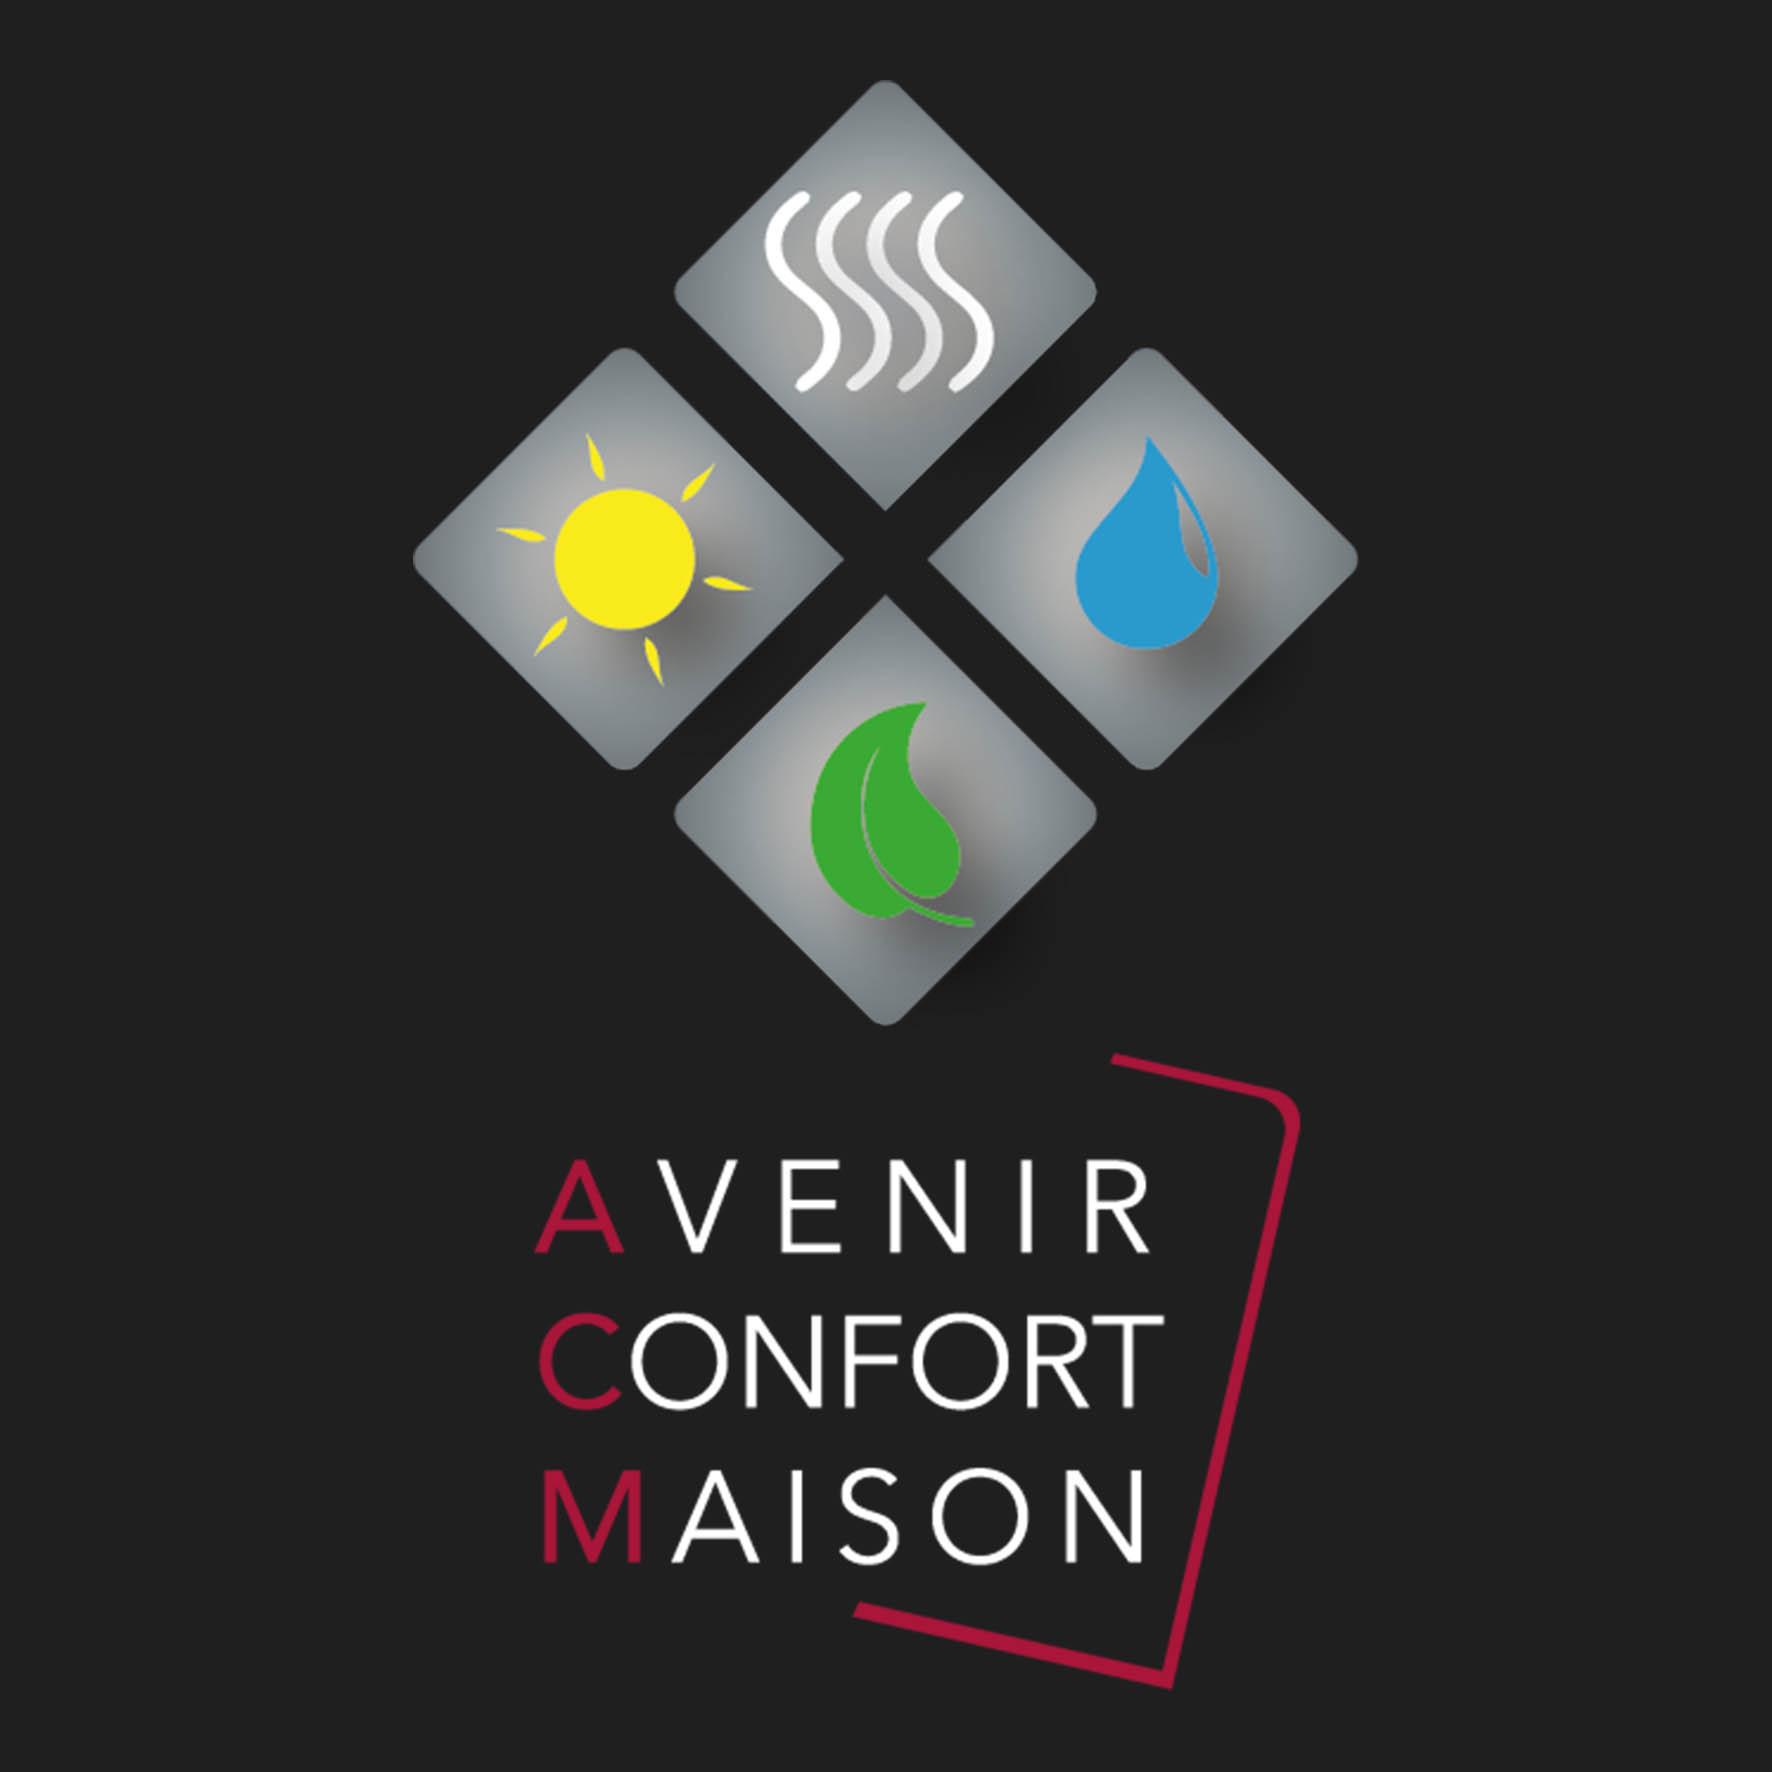 vignette logothèque avenir confort maison